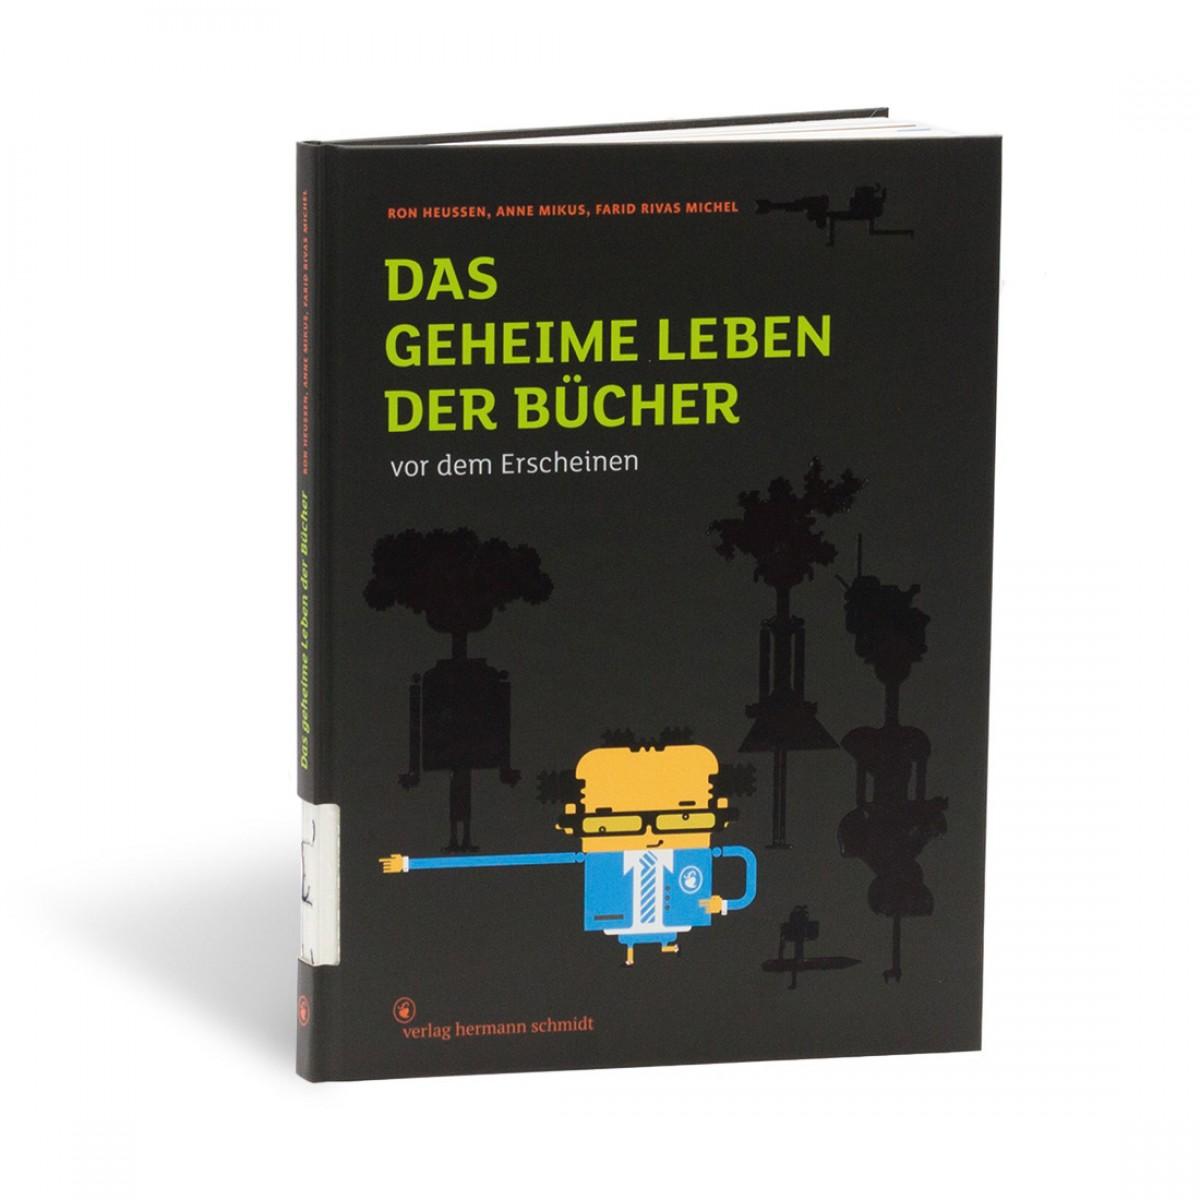 Ron Heussen | Anne Mikus | Farid Rivas Michel - Das geheime Leben der Bücher...vor dem Erscheinen